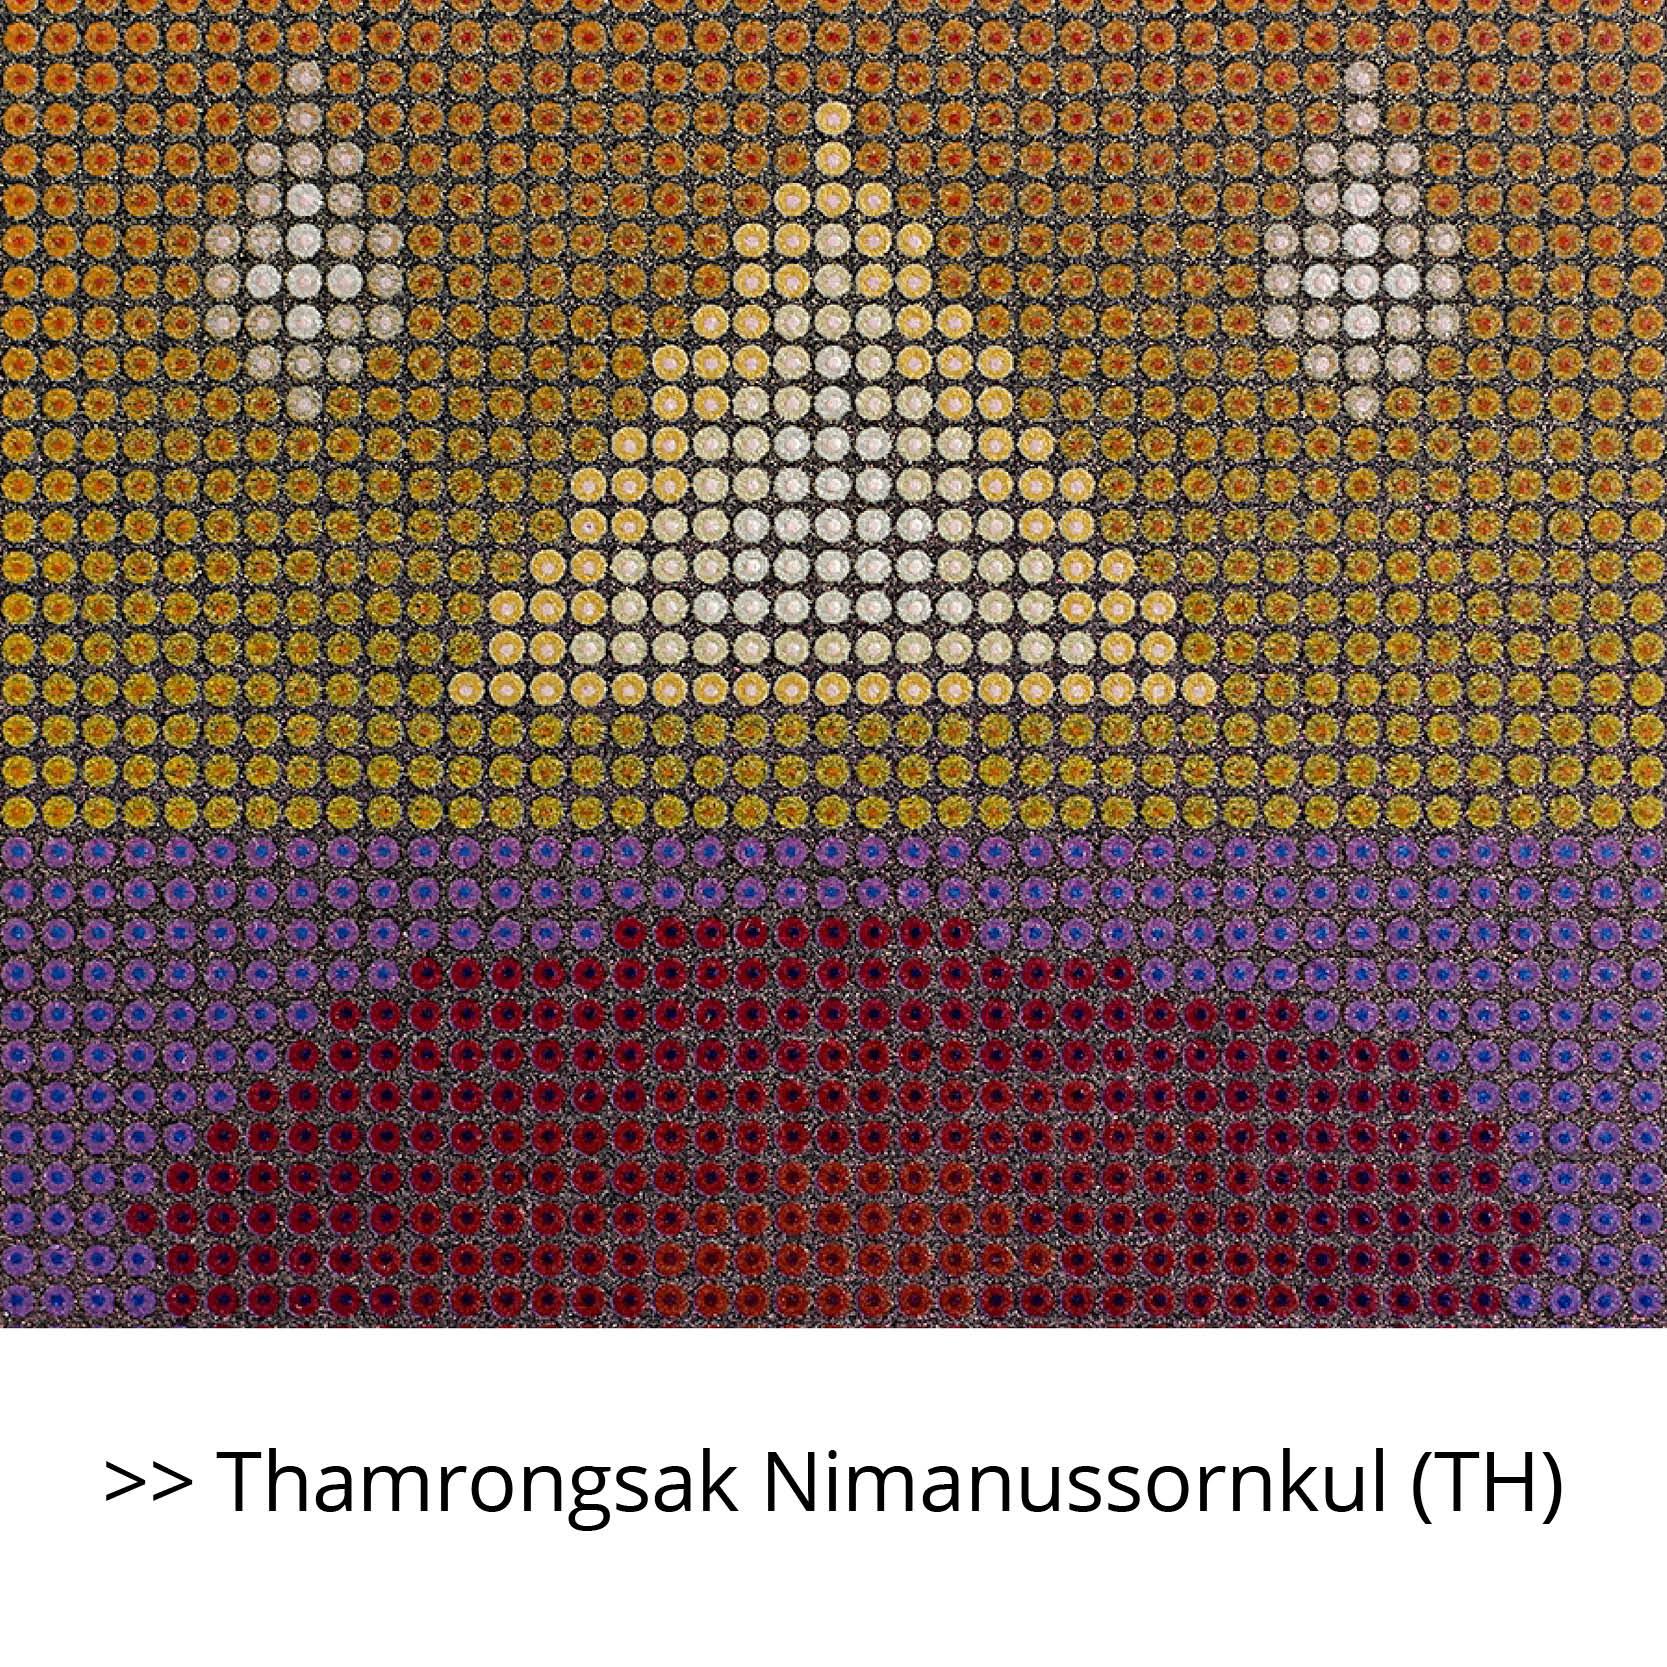 Thamrongsak_Nimanussornkul_(TH)